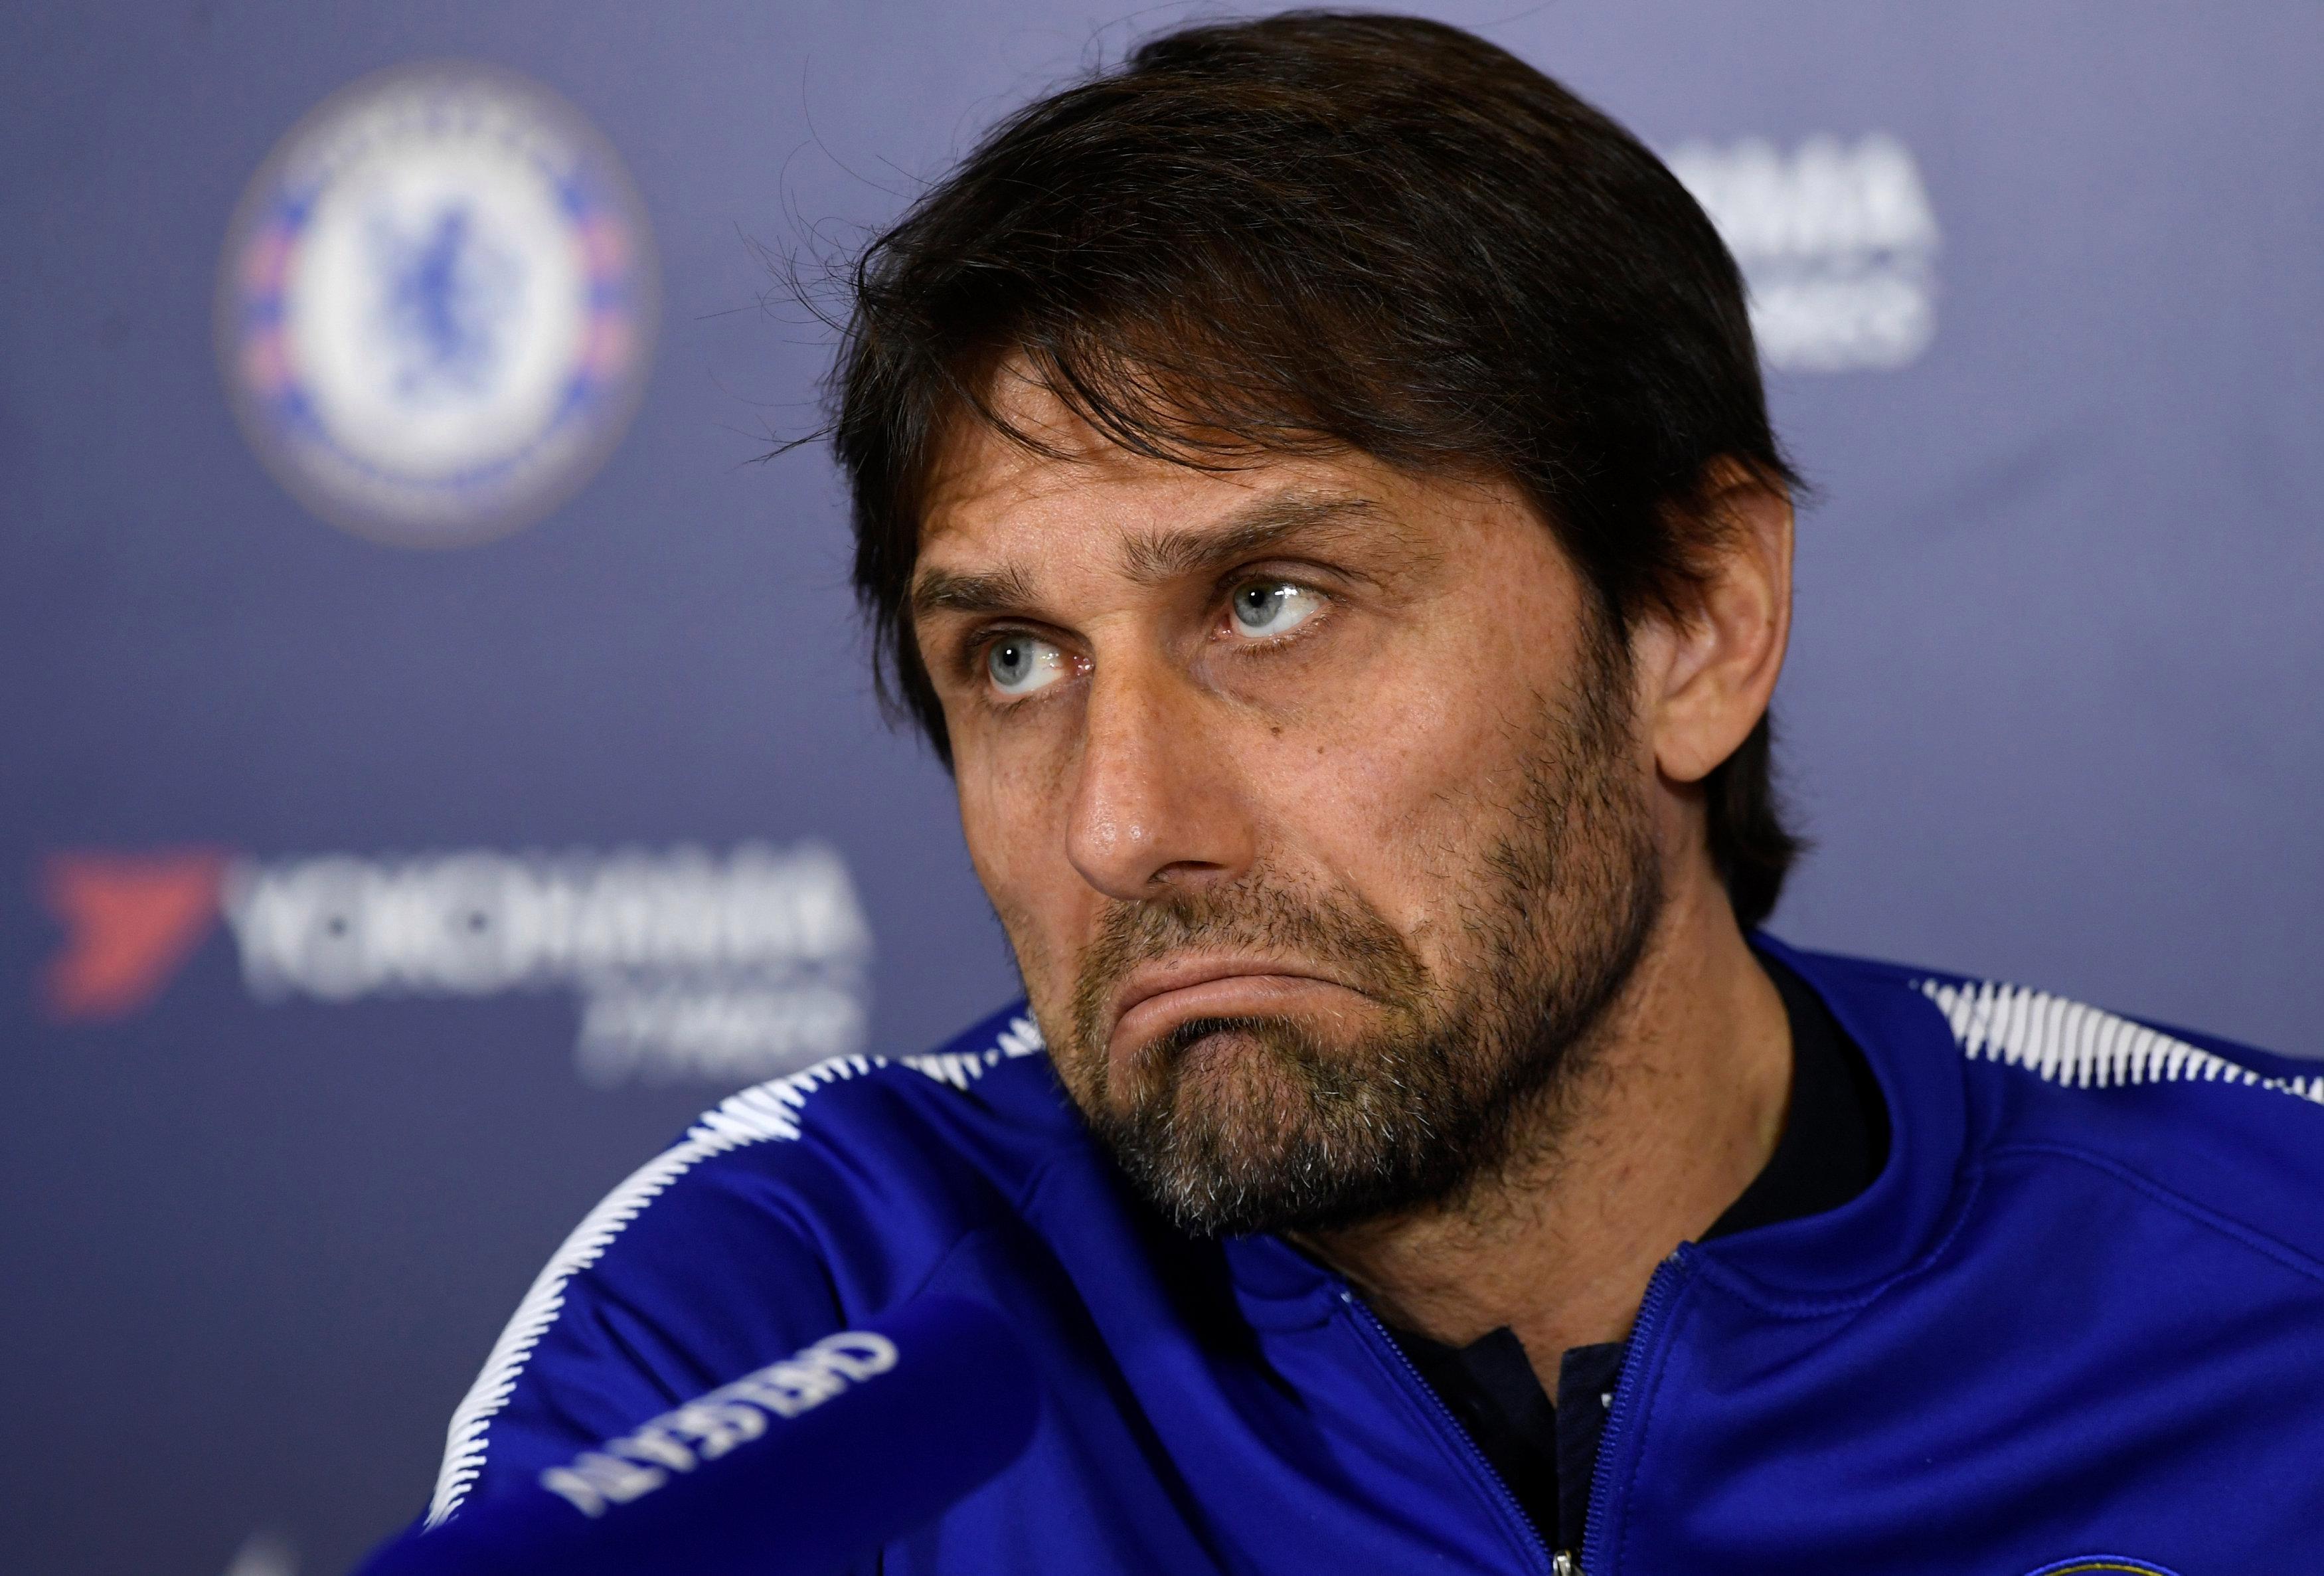 Antonio Conte has reportedly lost the dressing room